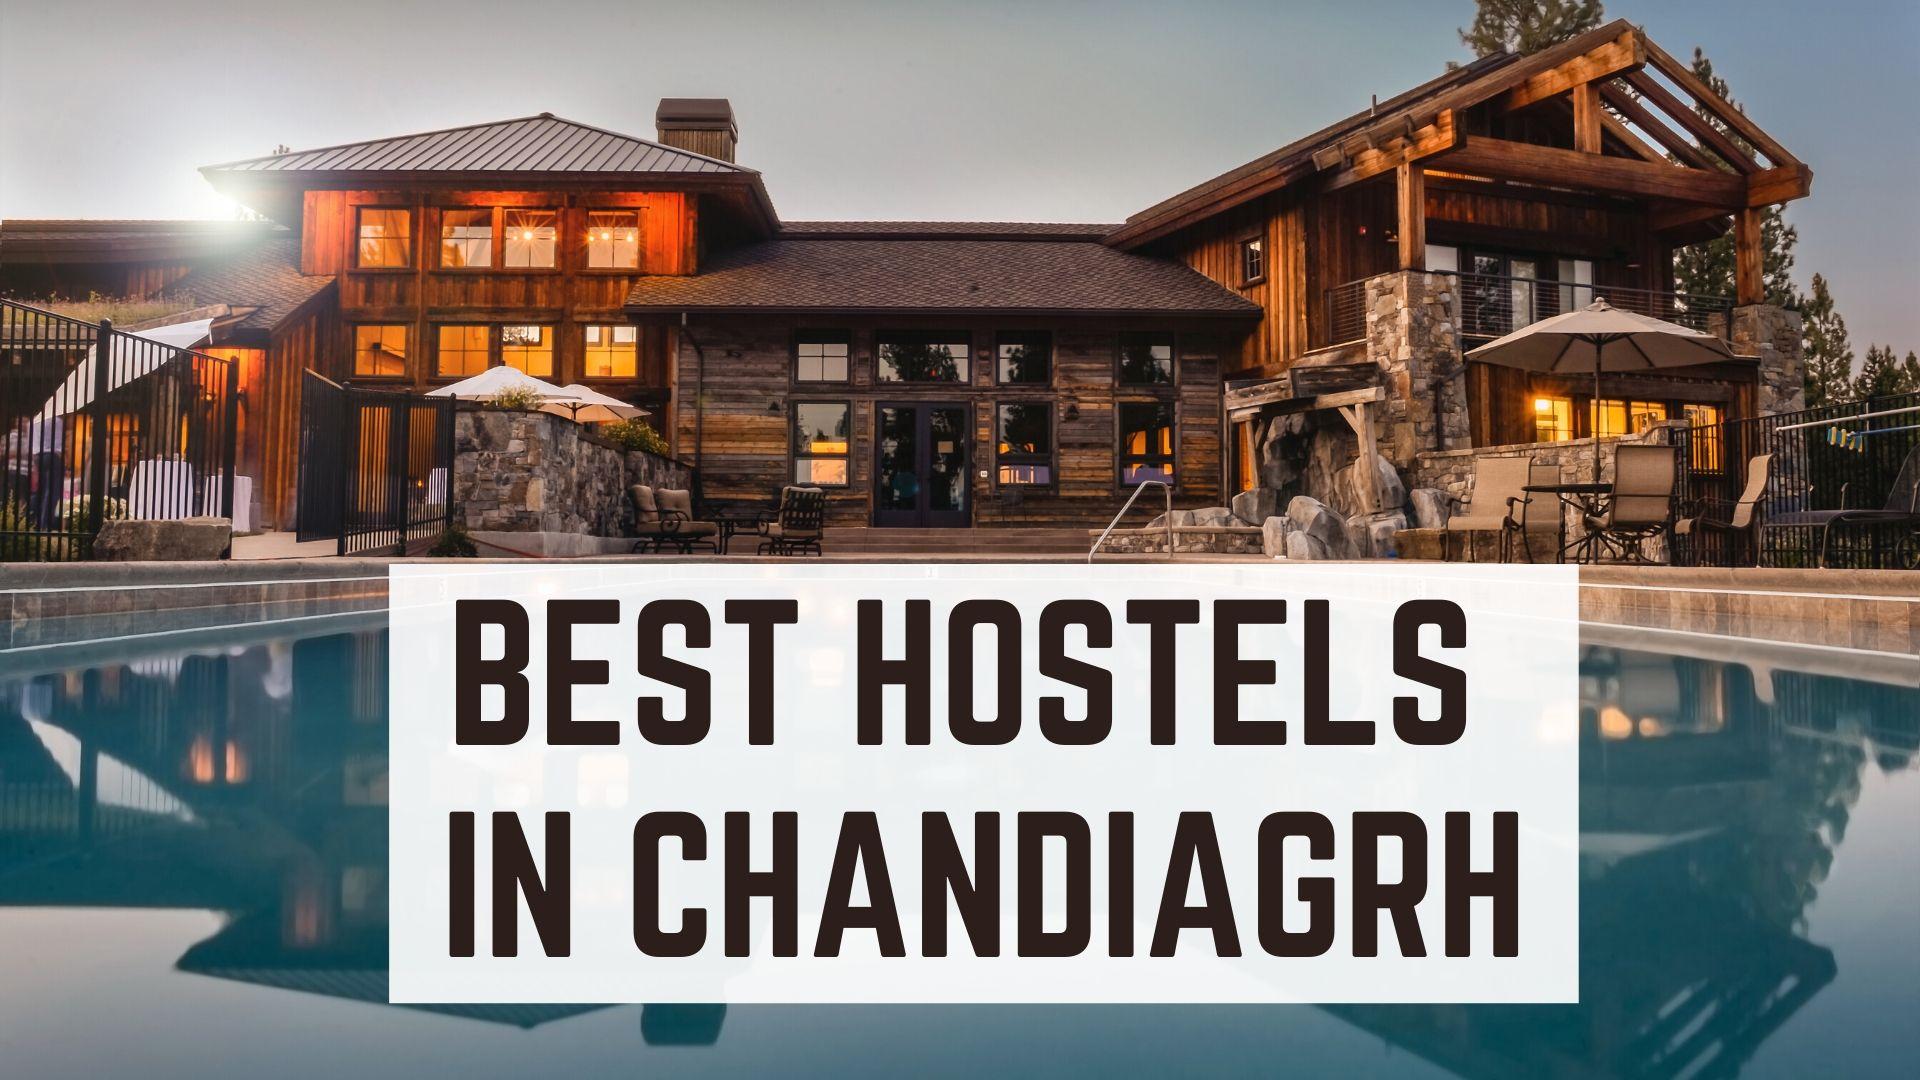 Best Hostels In Chandiagrh